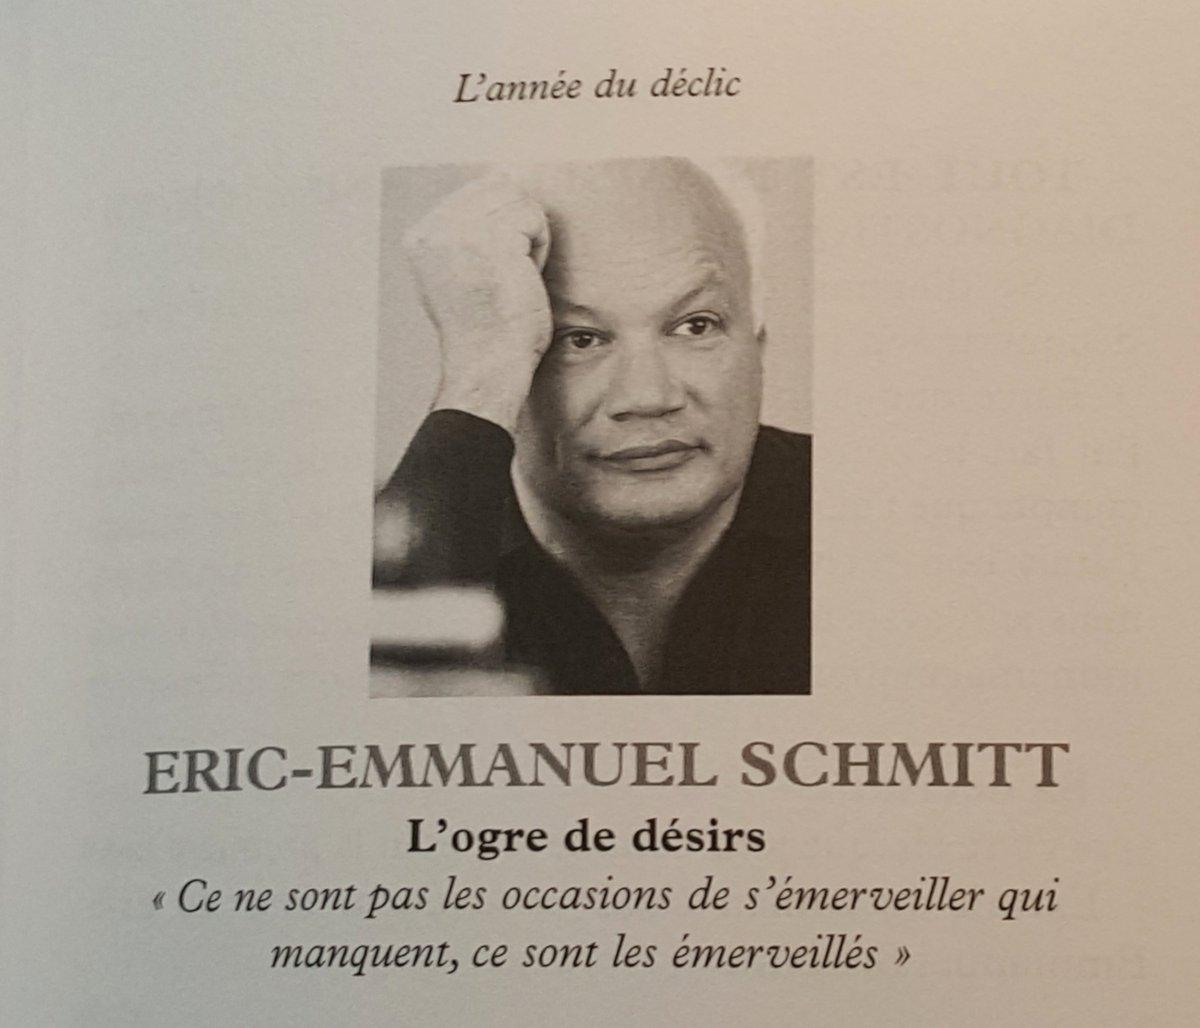 La Parenthse Inattendue Christophe Willem Armelle Eric Emmanuel